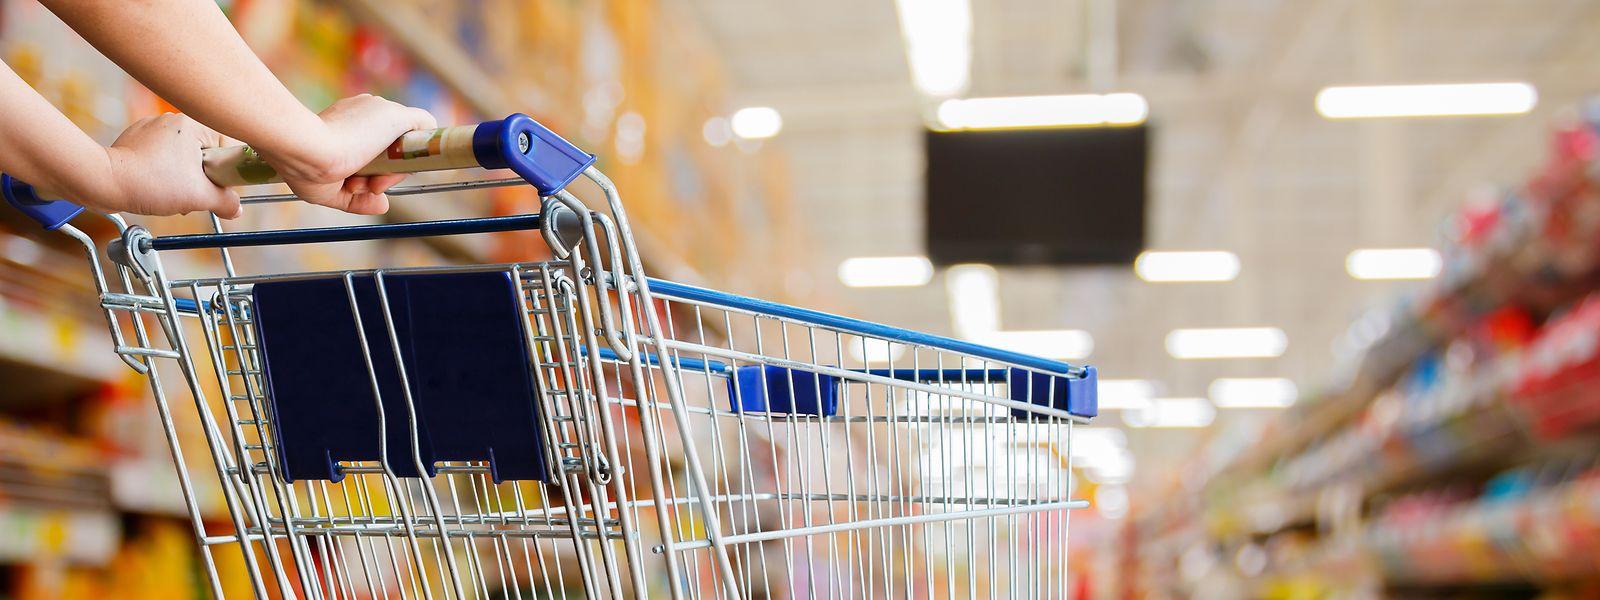 Hat sich Ihre Einkaufsliste seit Corona verändert?